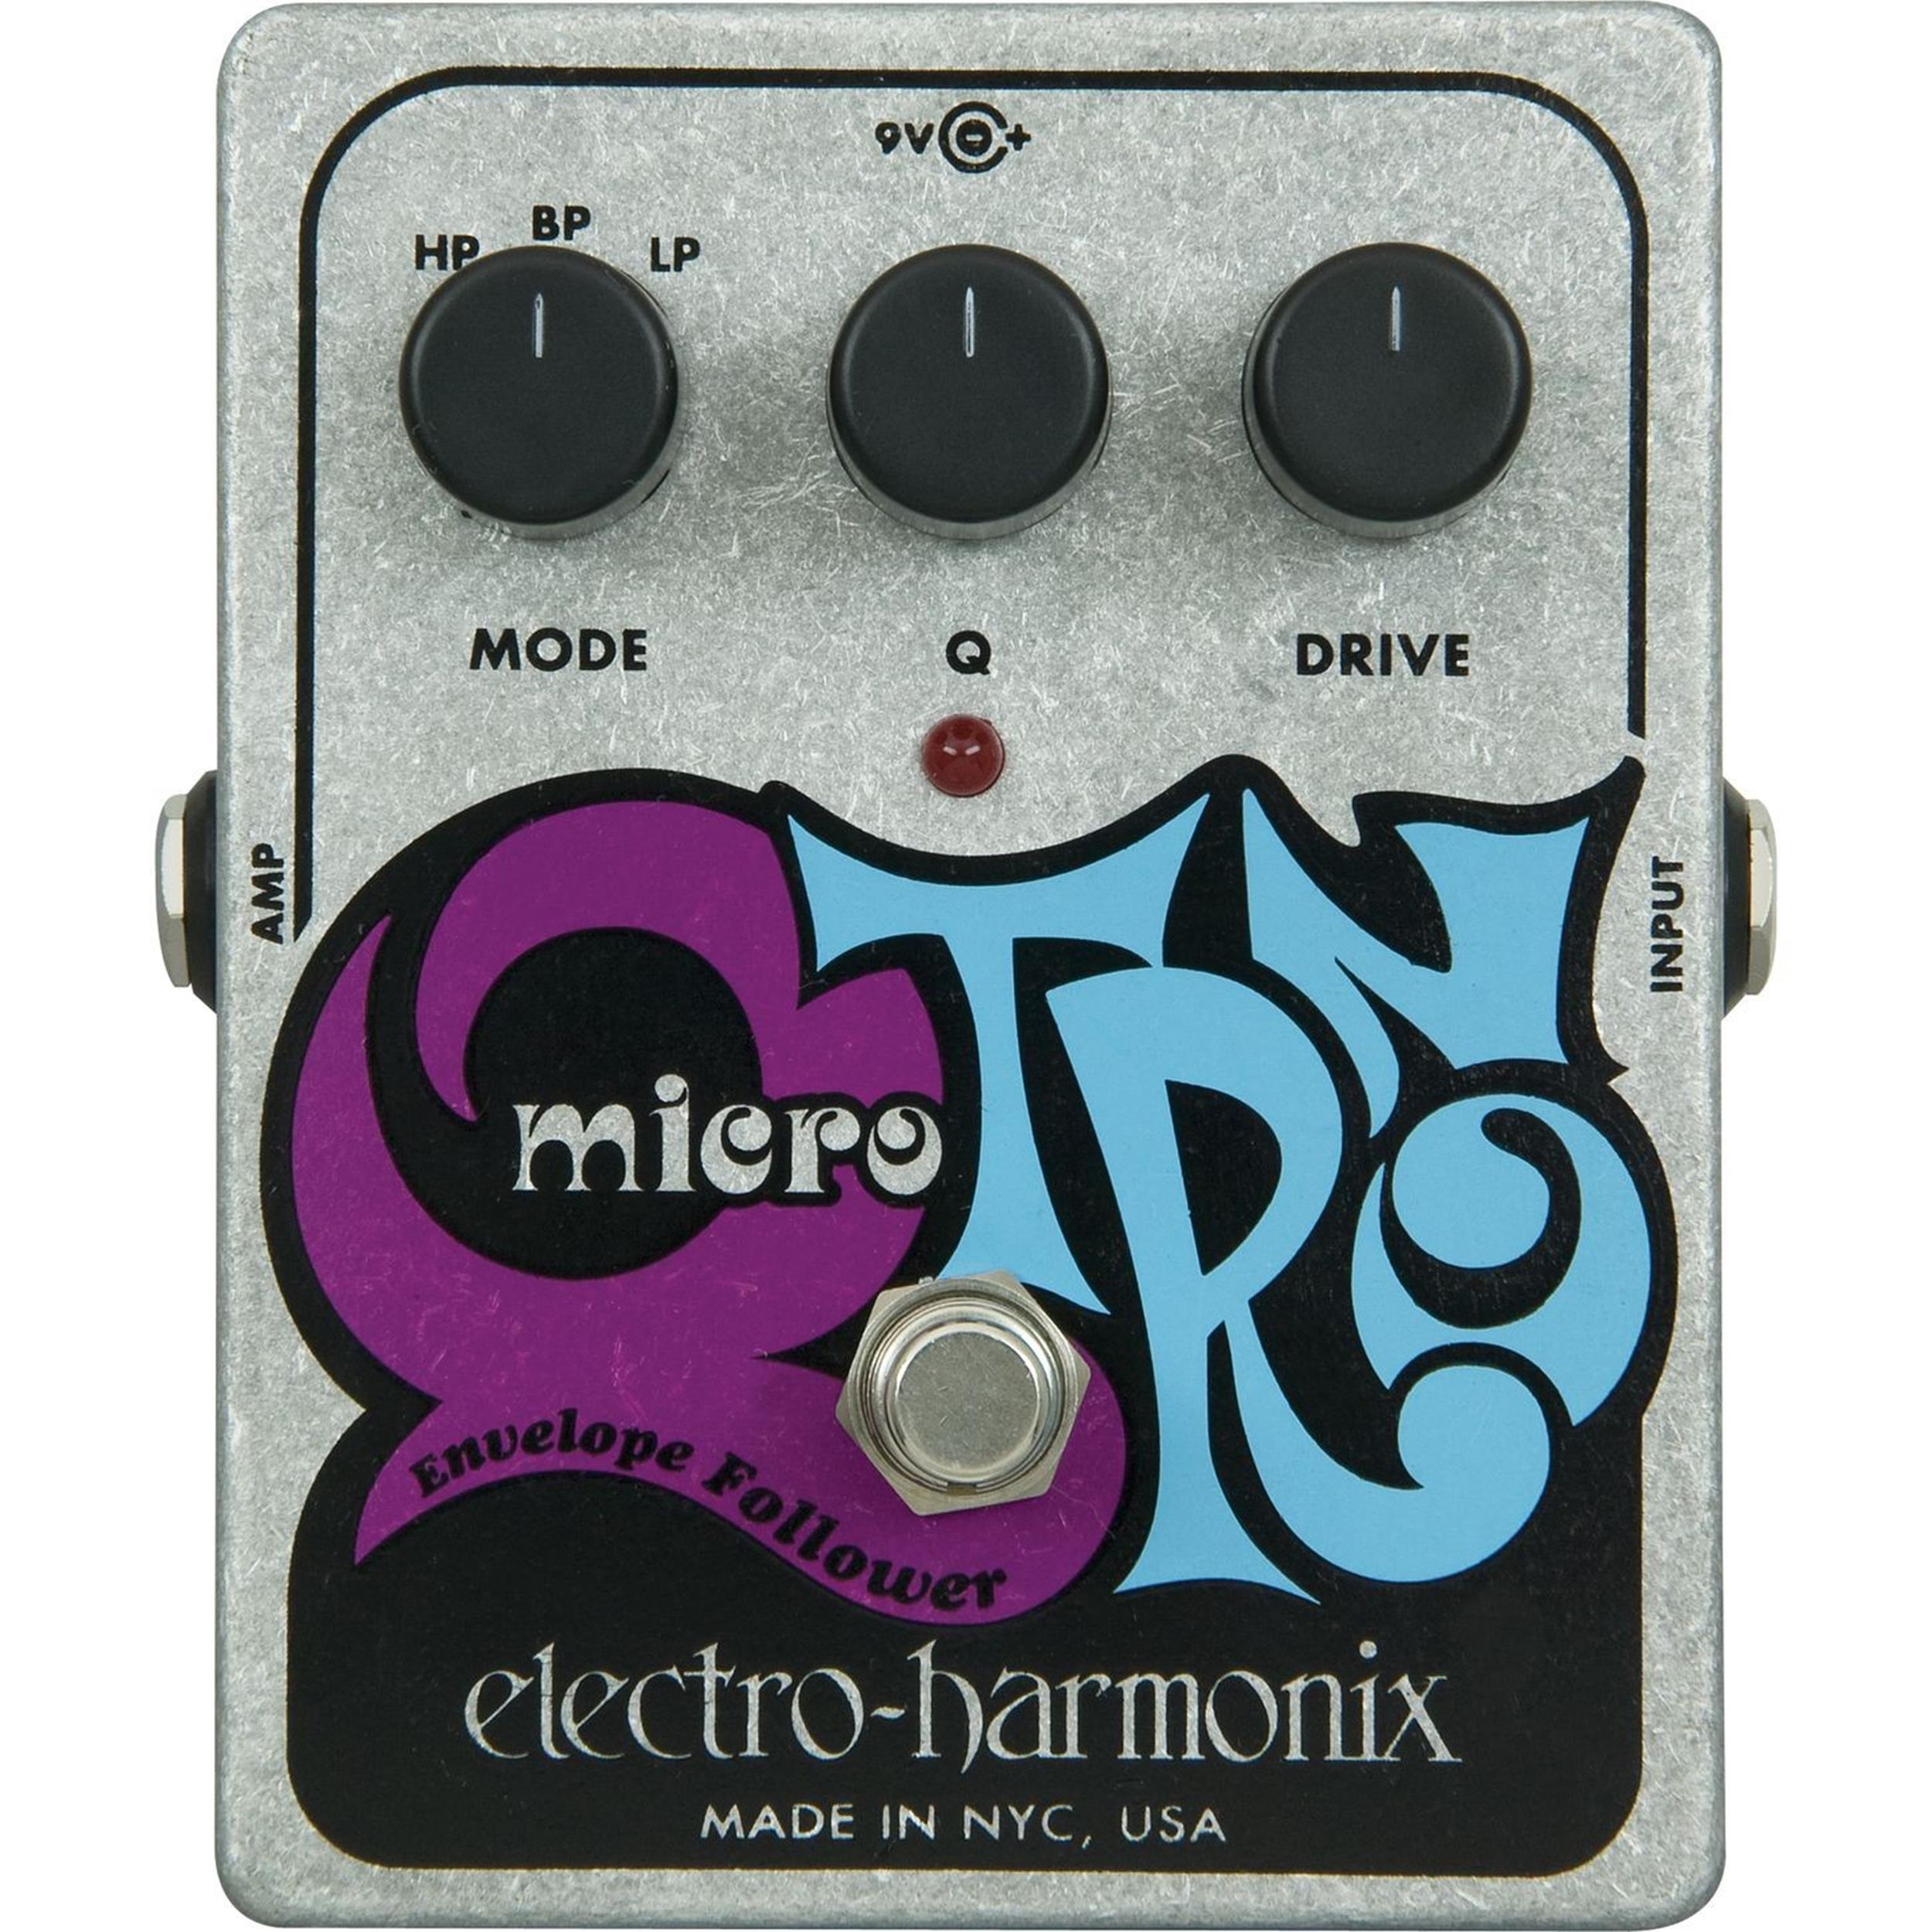 ELECTRO-HARMONIX-MICRO-Q-TRON-sku-2571